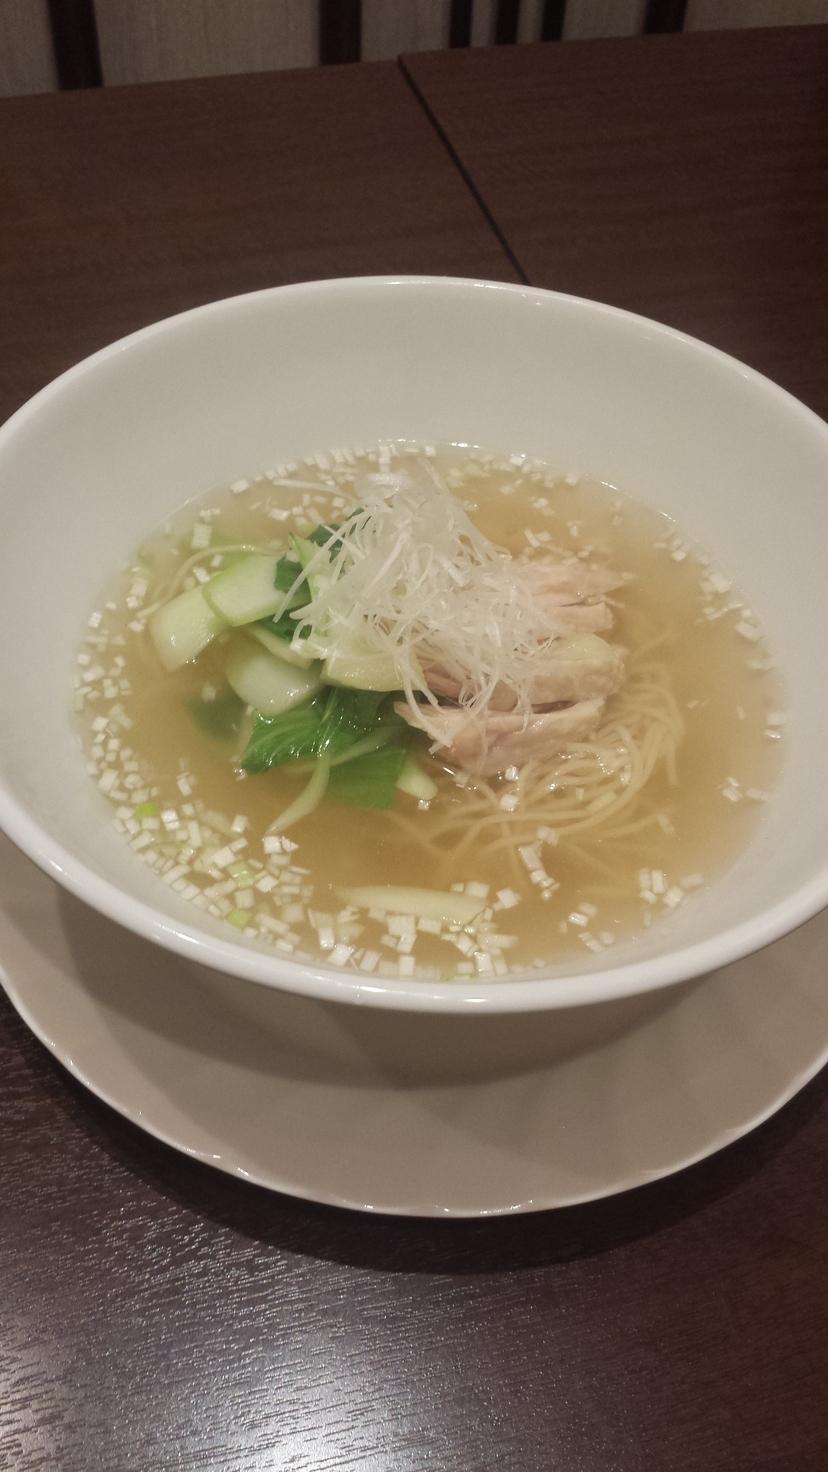 蒸し鶏と青菜のさっぱり塩味スープ麺